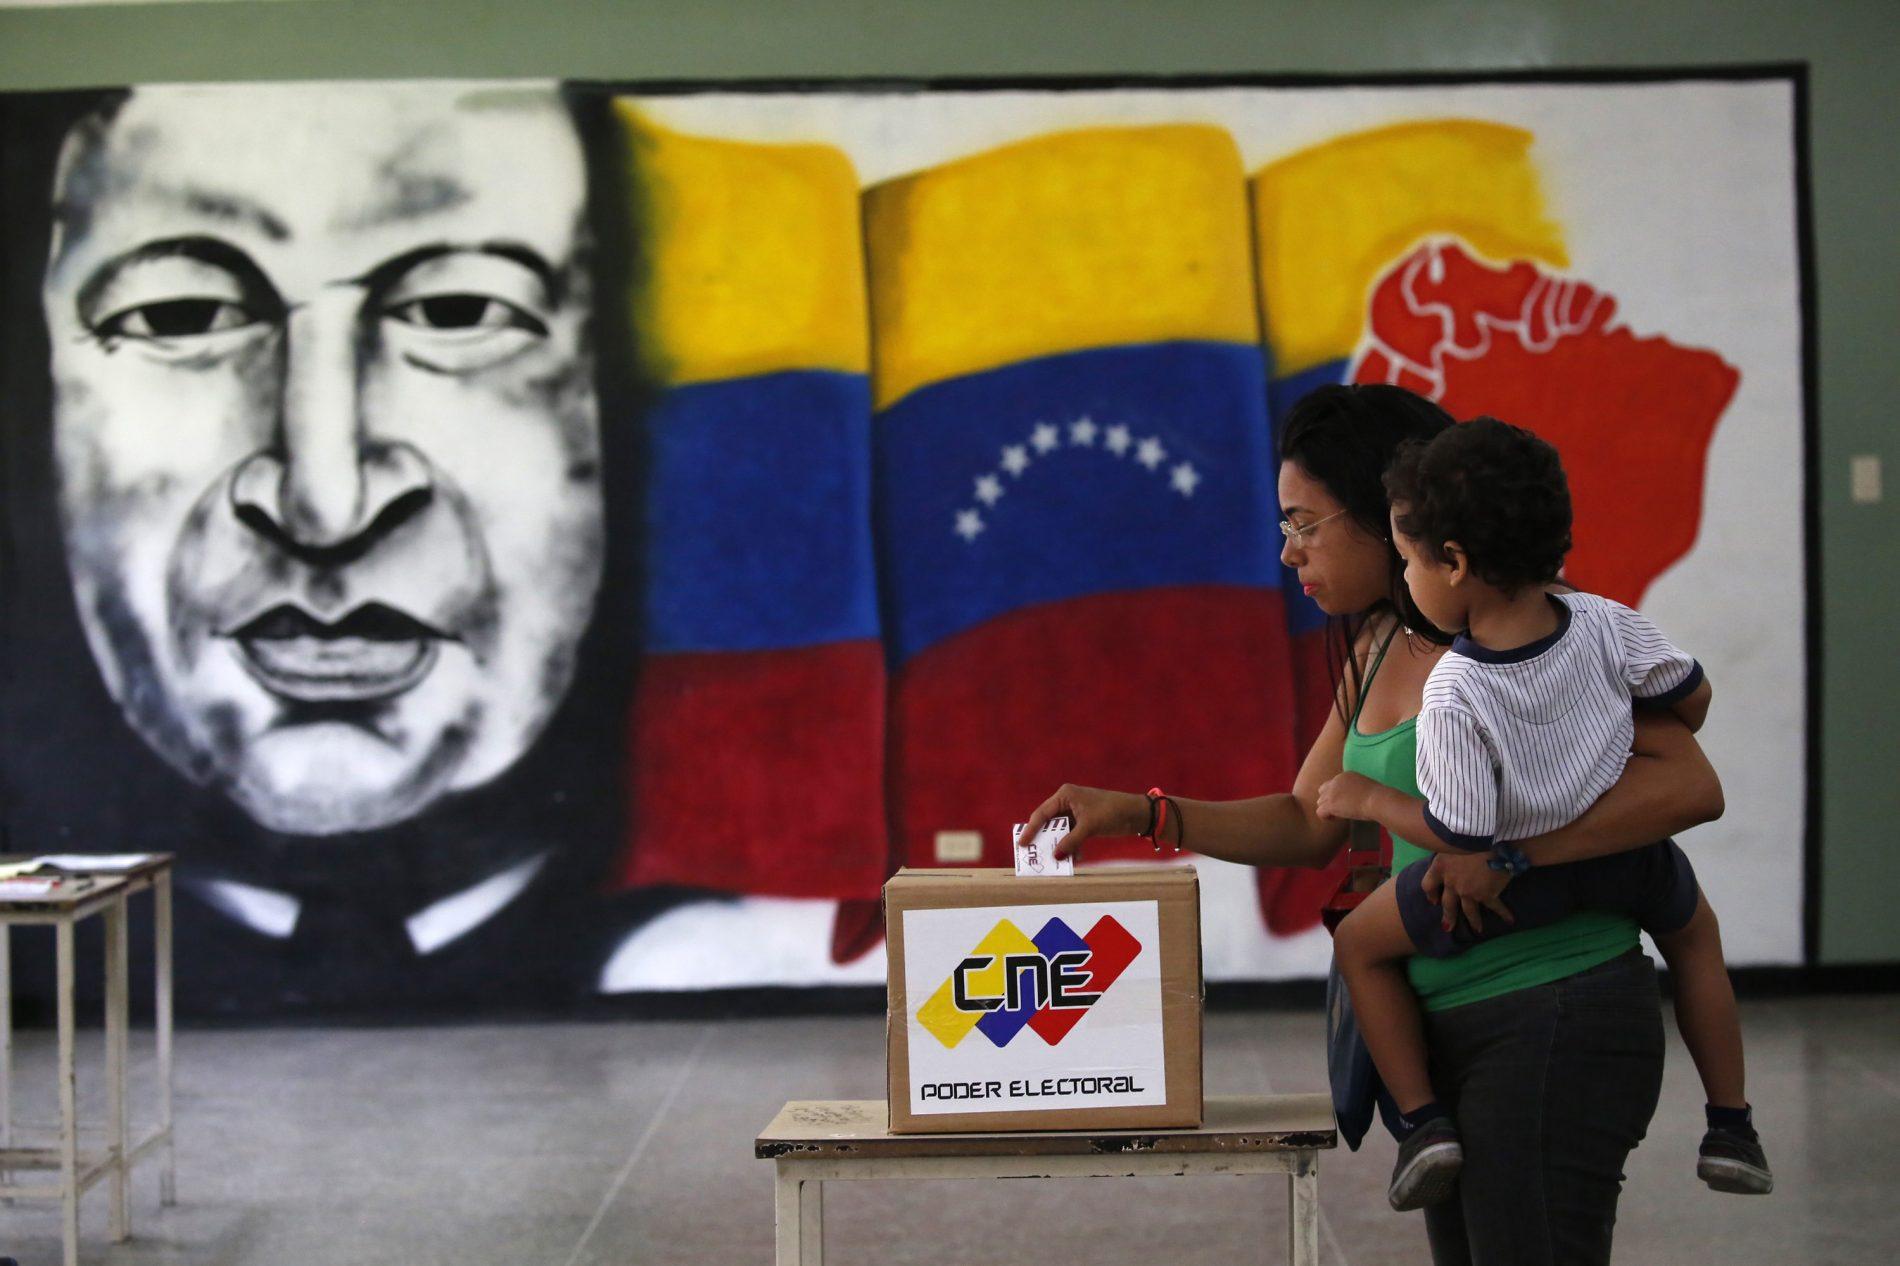 Opositores se aliam para novos protestos e por eleições justas na Venezuela